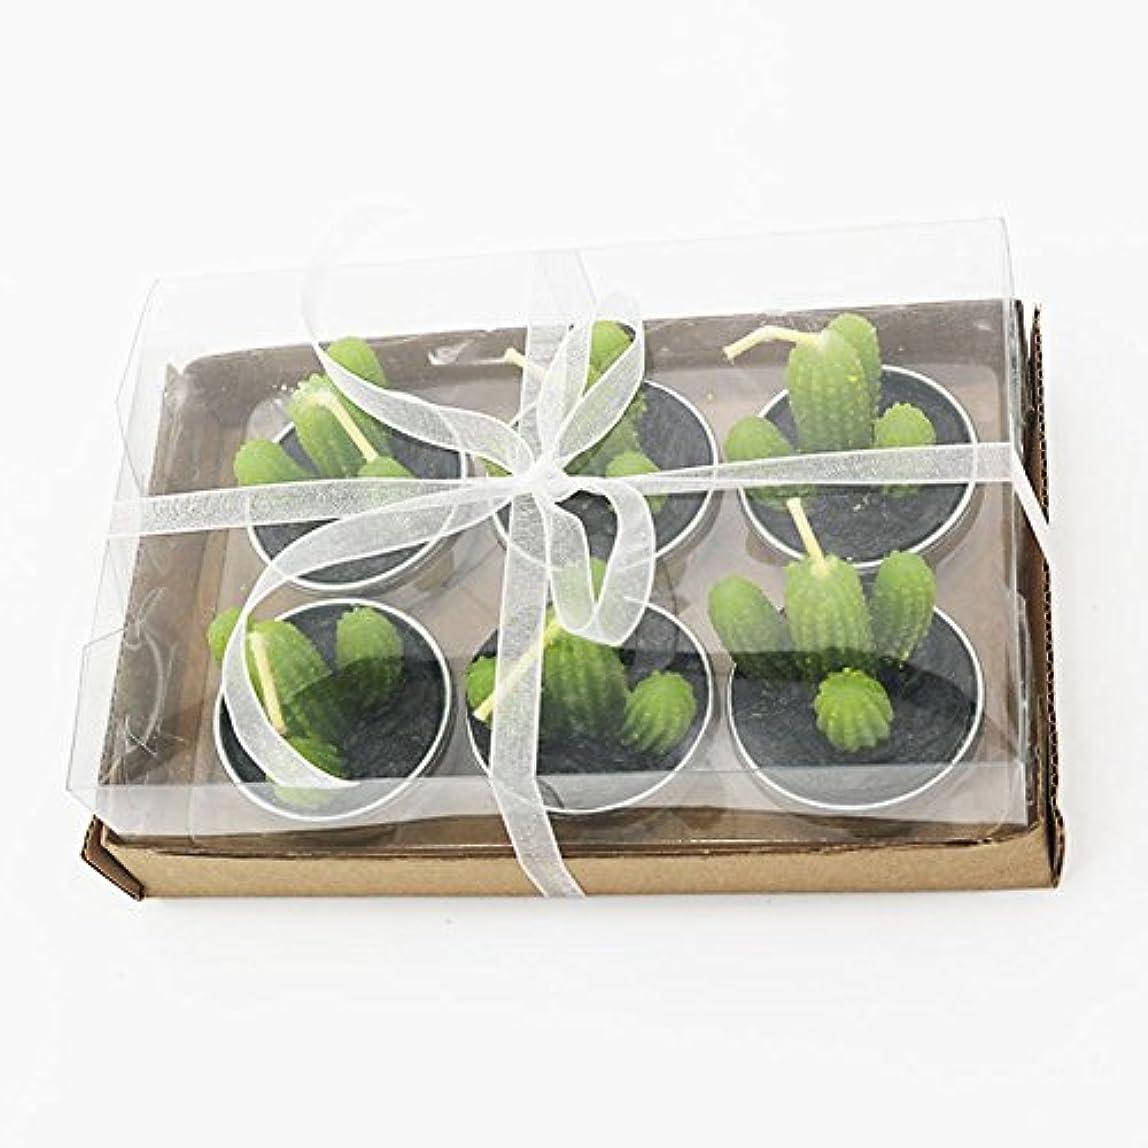 誘惑とんでもない爬虫類Liebeye キャンドル 多肉植物スモークフリーのクリエイティブなキャンドル100%自然のワックスかわいい模造植物フルーツの形状低温キャンドル 6個/箱 カクタス?ボックス